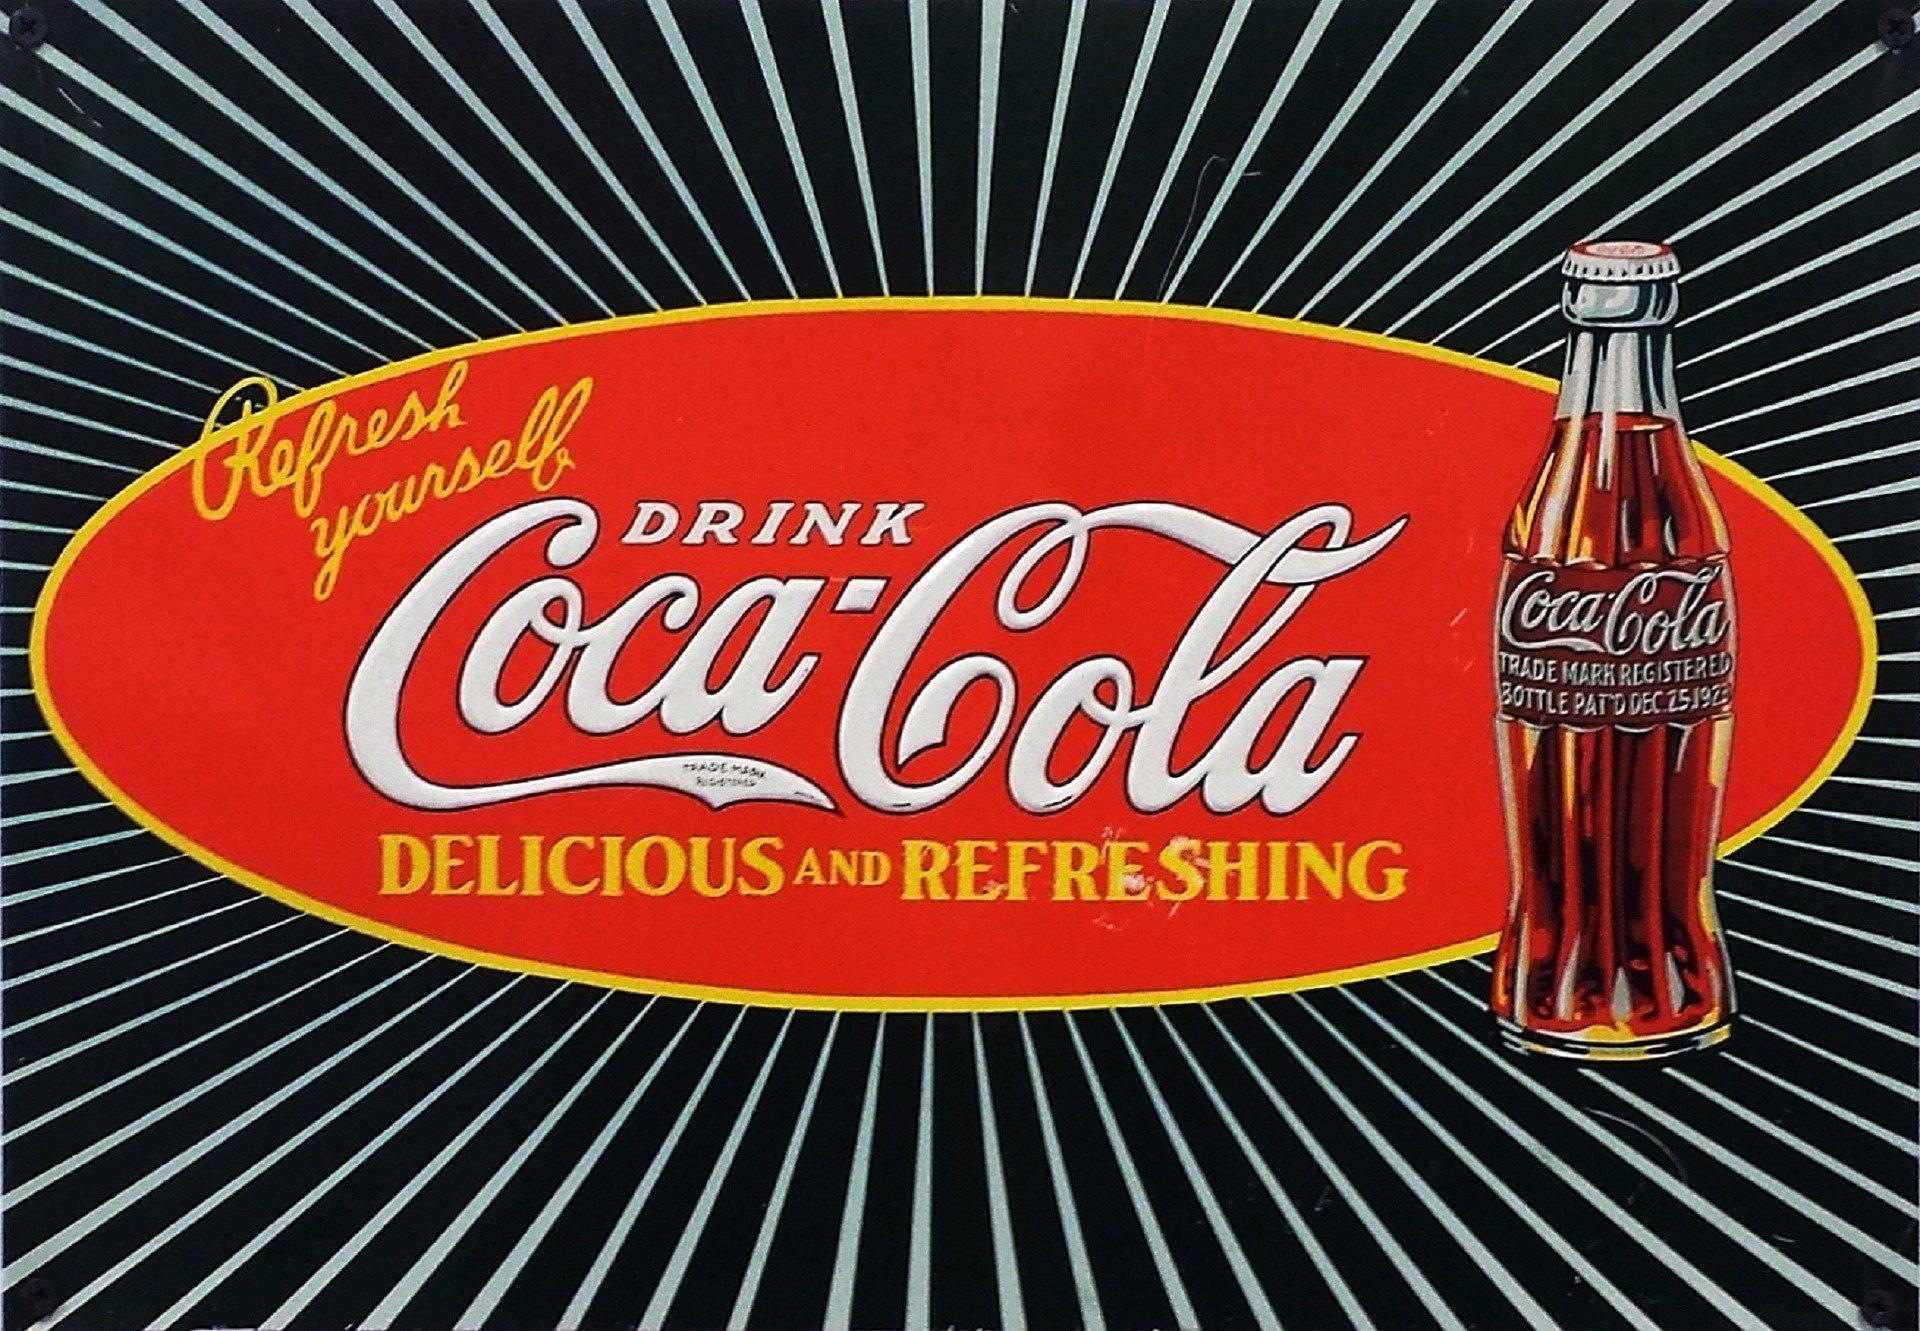 Coca Cola üveg design